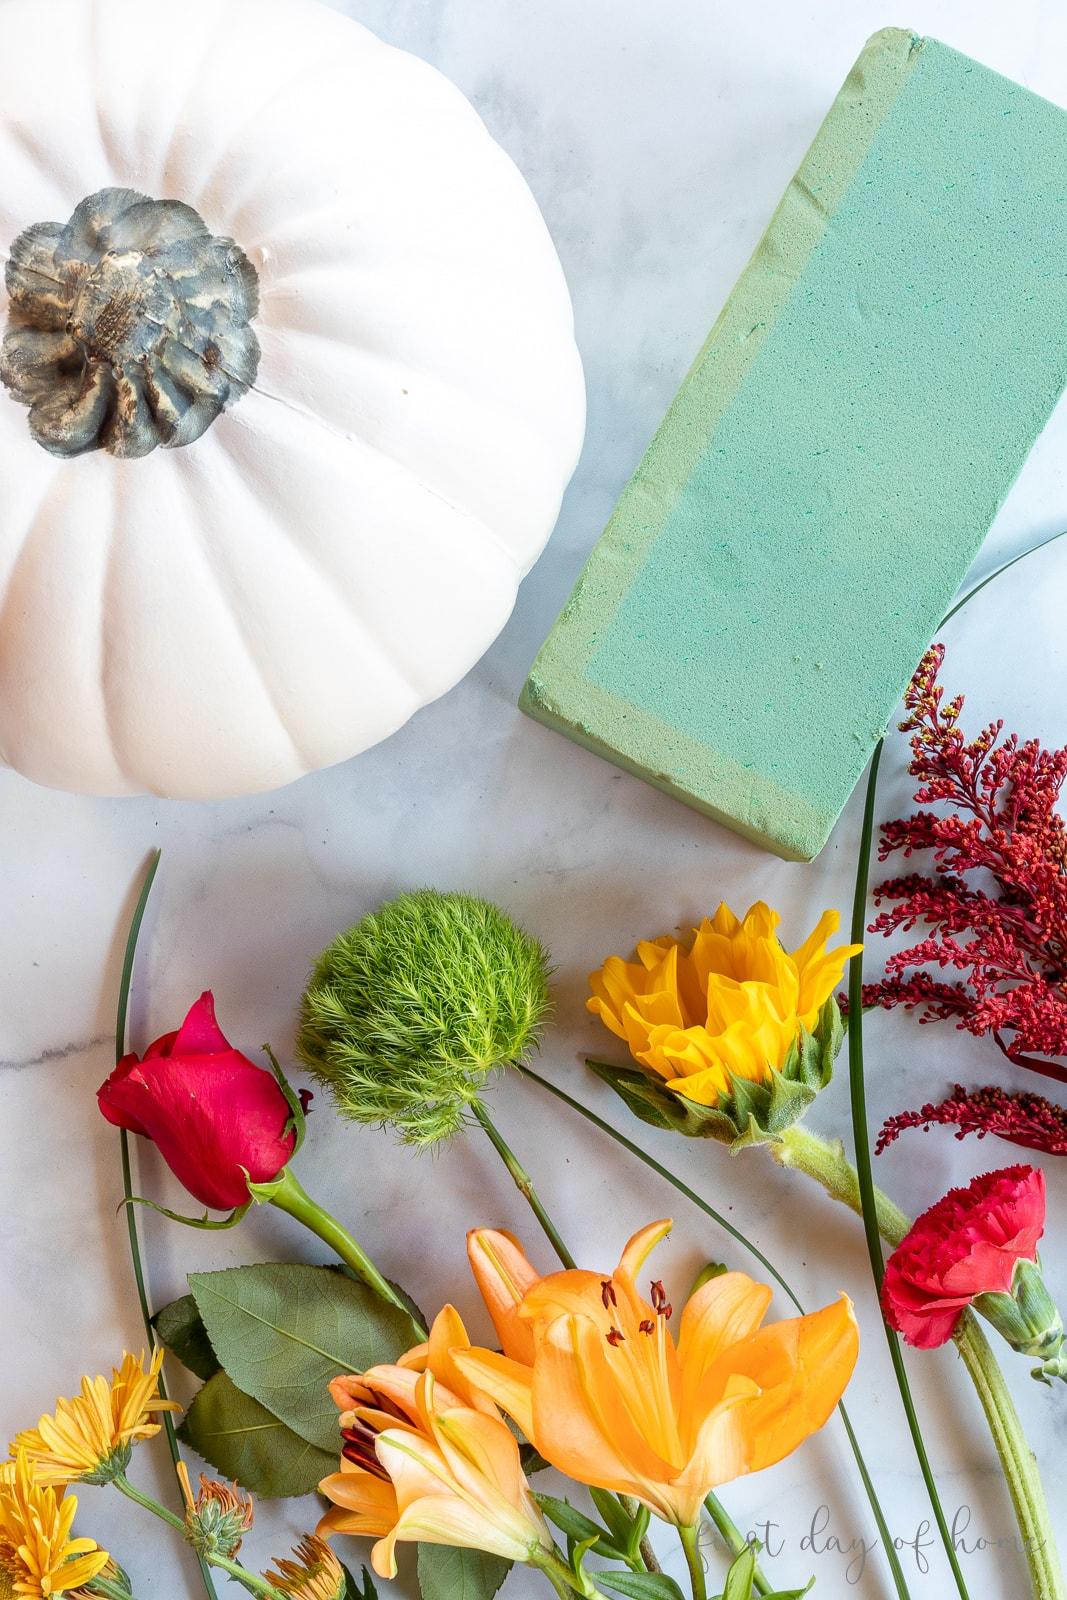 Supplies for faux pumpkin arrangement, including floral foam, fresh flowers and white faux pumpkin